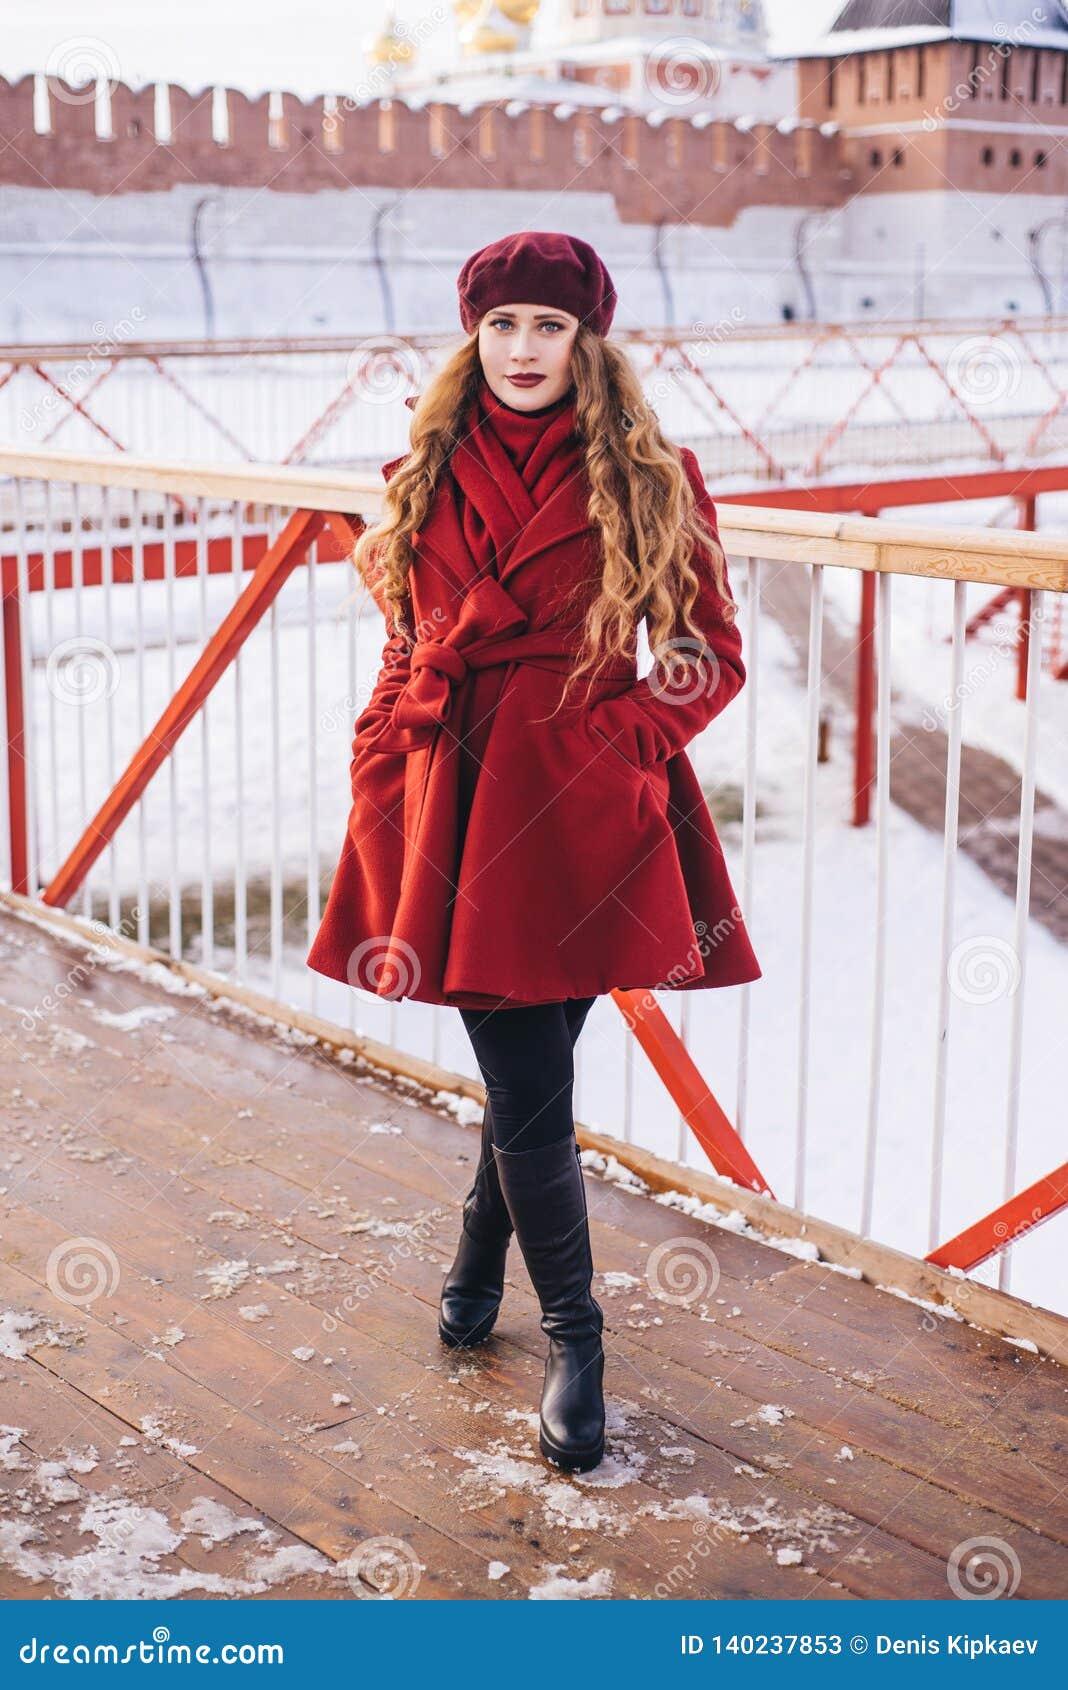 一件红色外套和贝雷帽的一美女沿圣诞节街道走